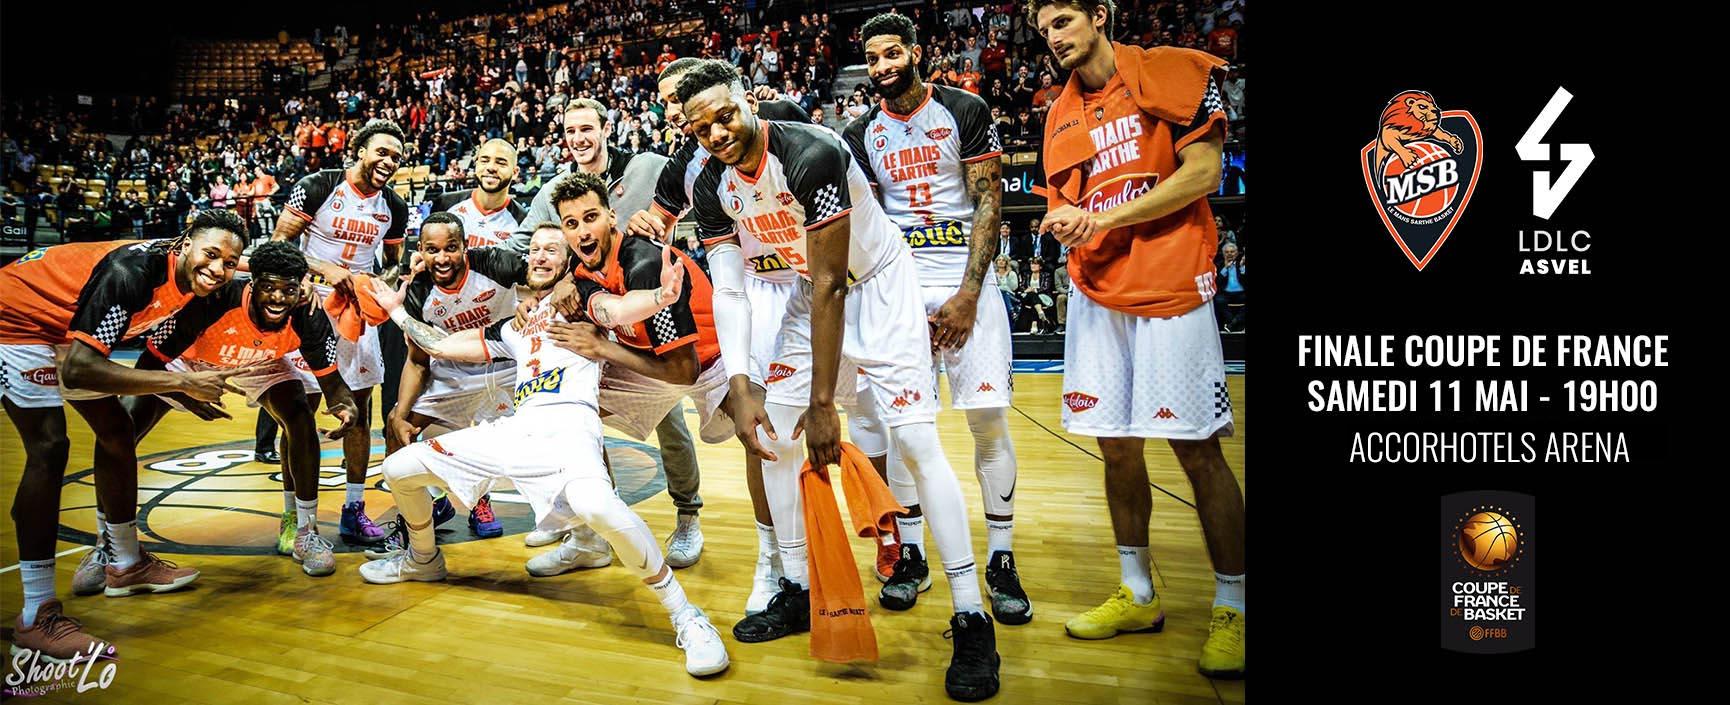 Msb fr r servations places finale coupe de france 2019 - Places finale coupe de france ...